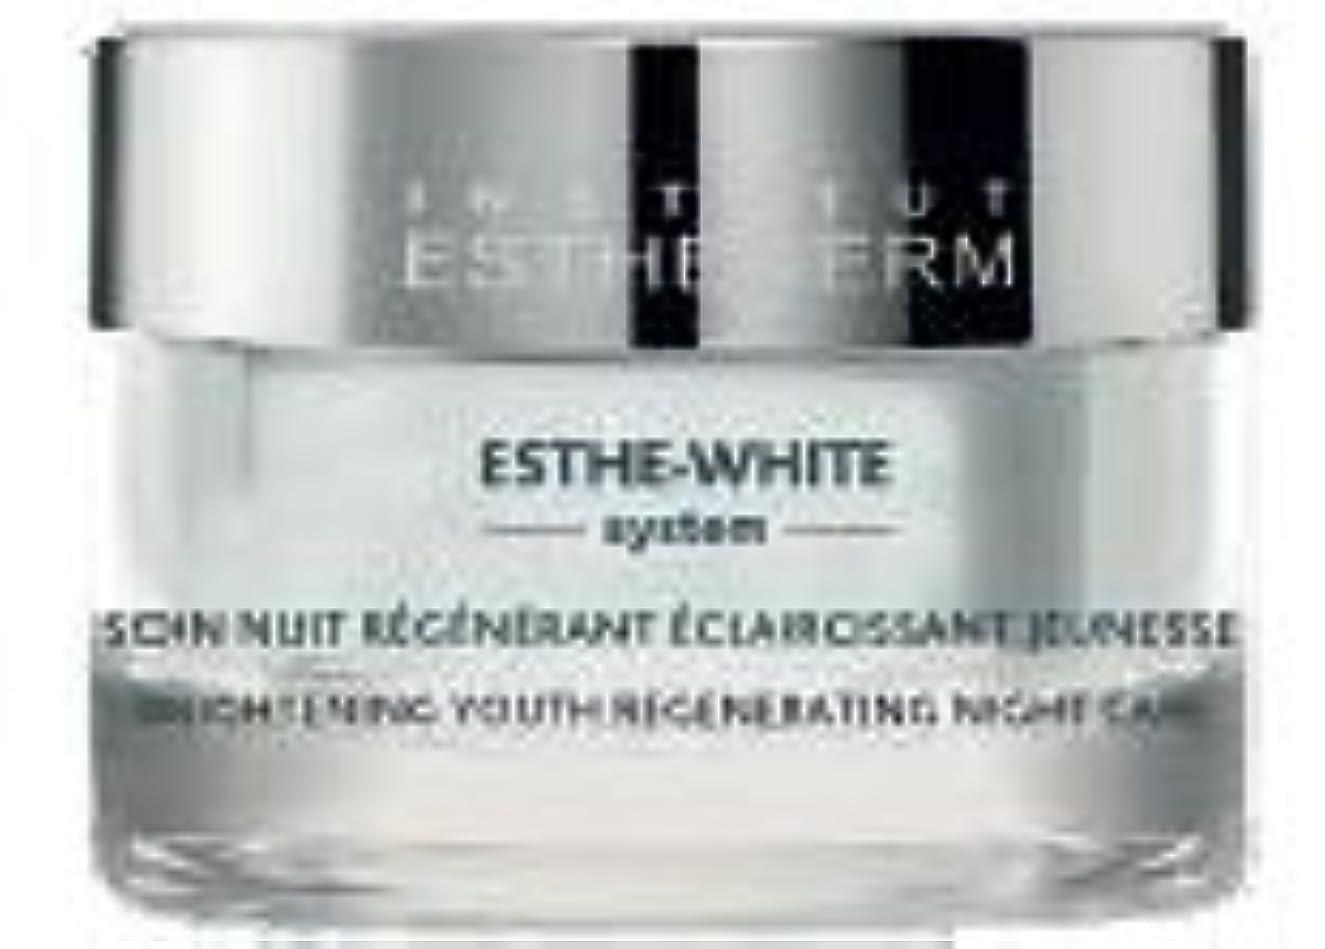 息切れ枯渇窓を洗うエステダム ホワイト ナイト クリーム N 50ml